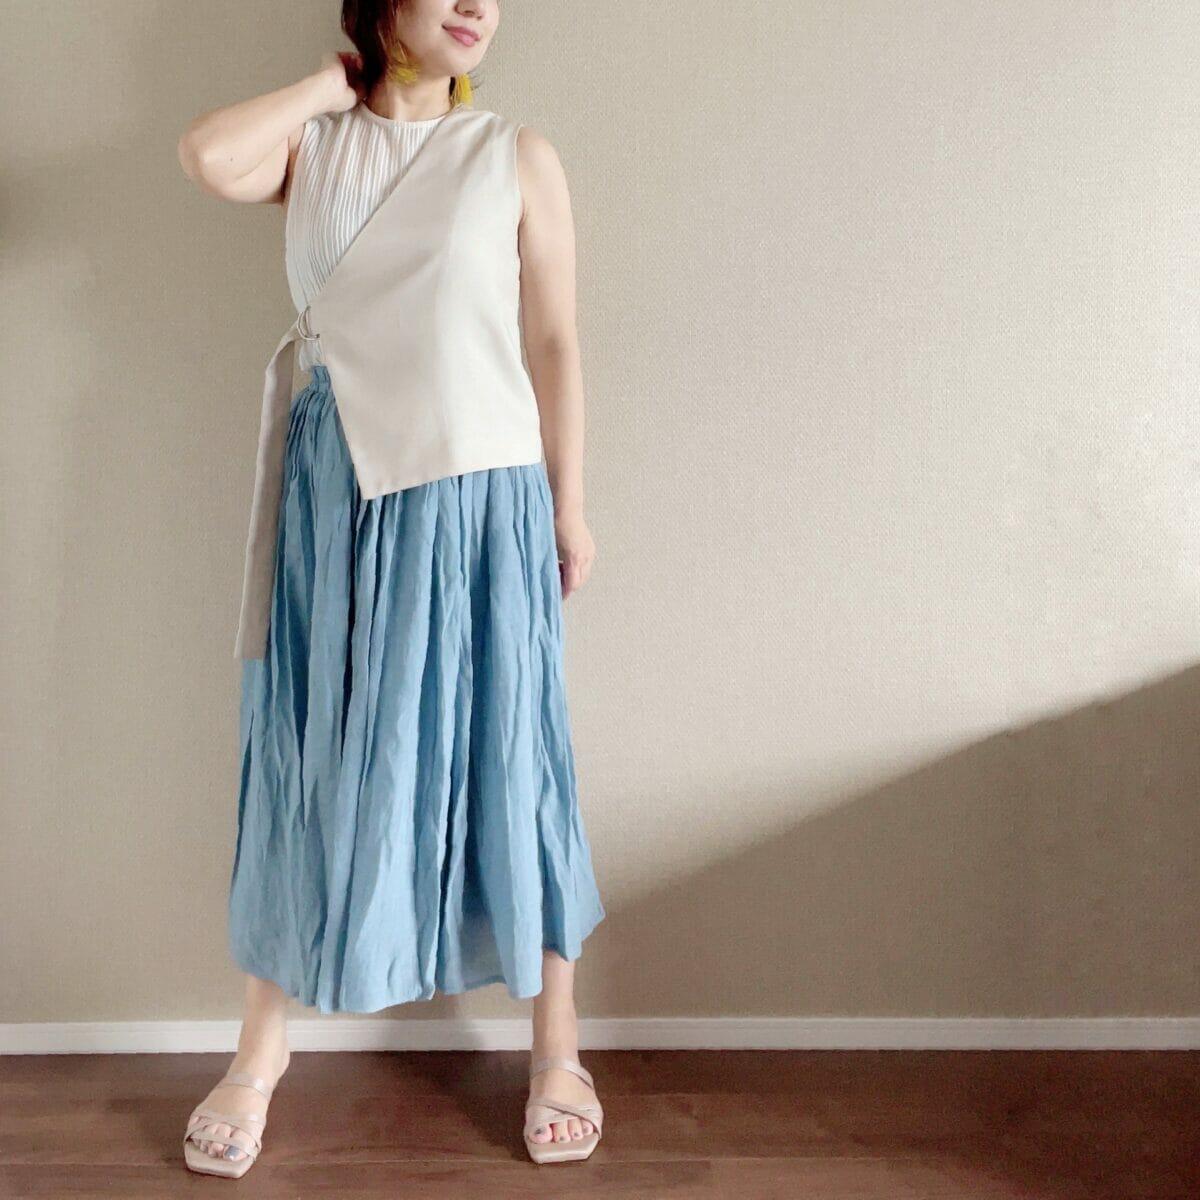 小柄におすすめなロングスカート